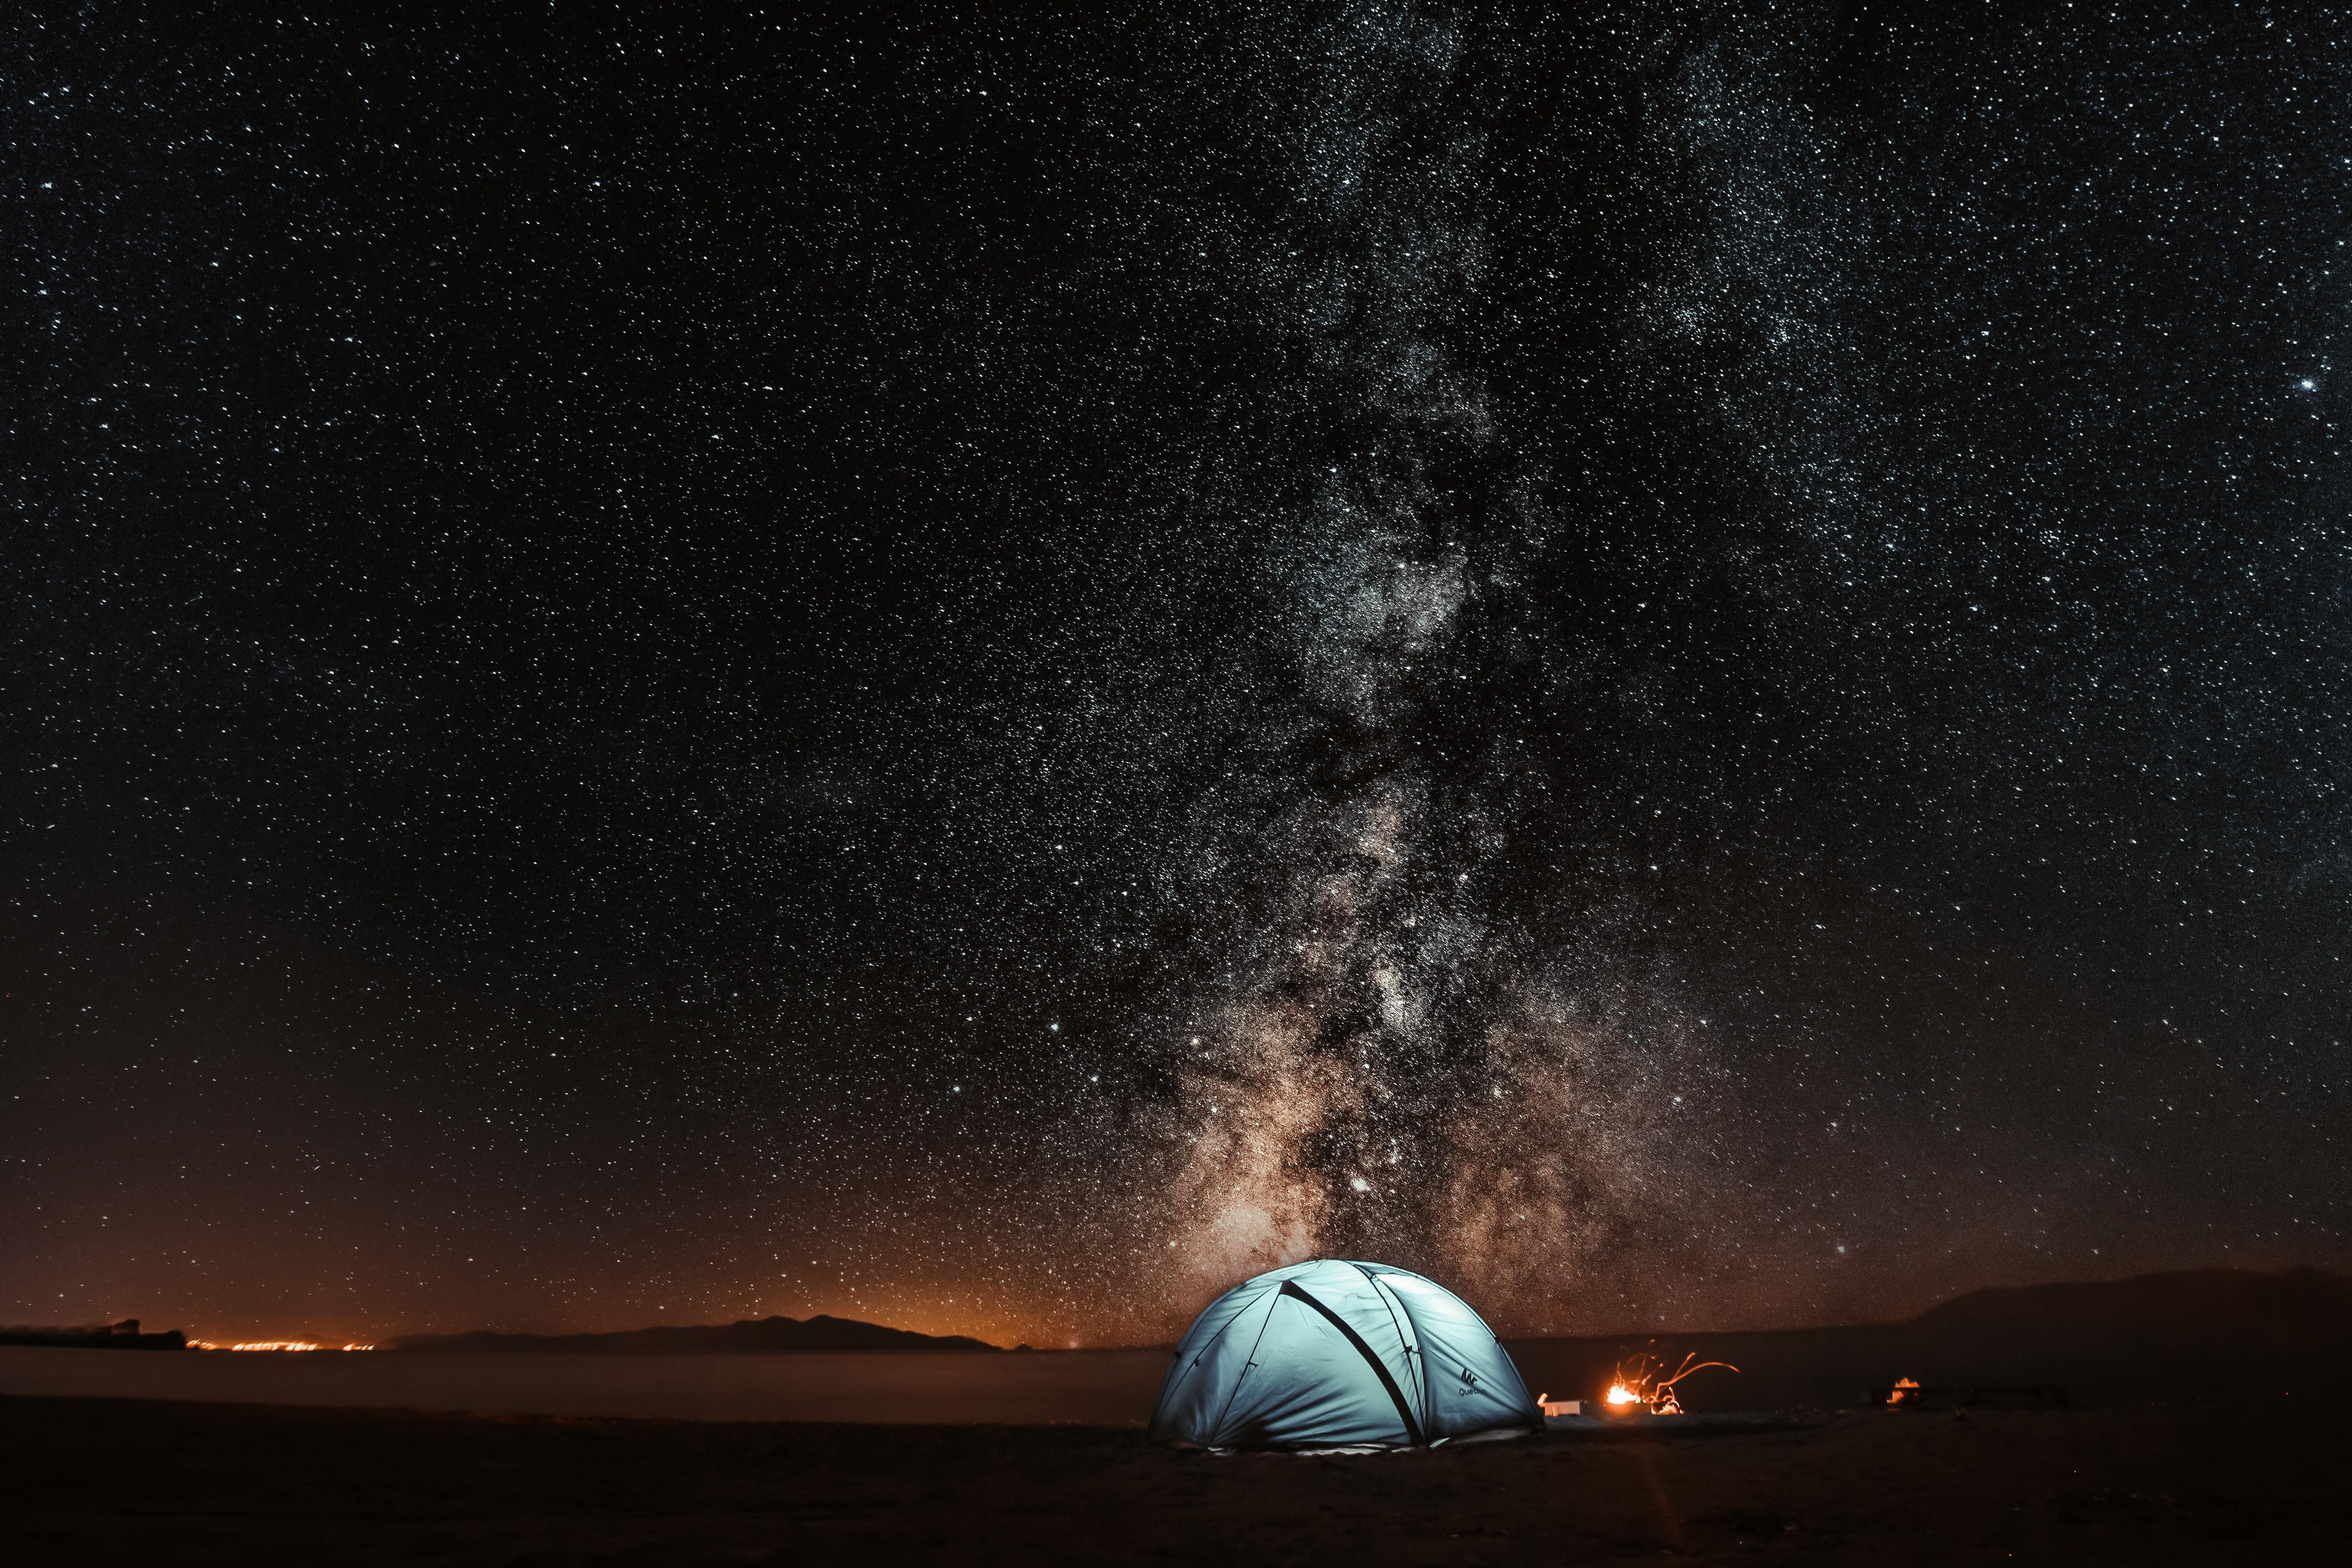 Papel De Parede : Barraca, Céu Estrelado, Noite, Turismo